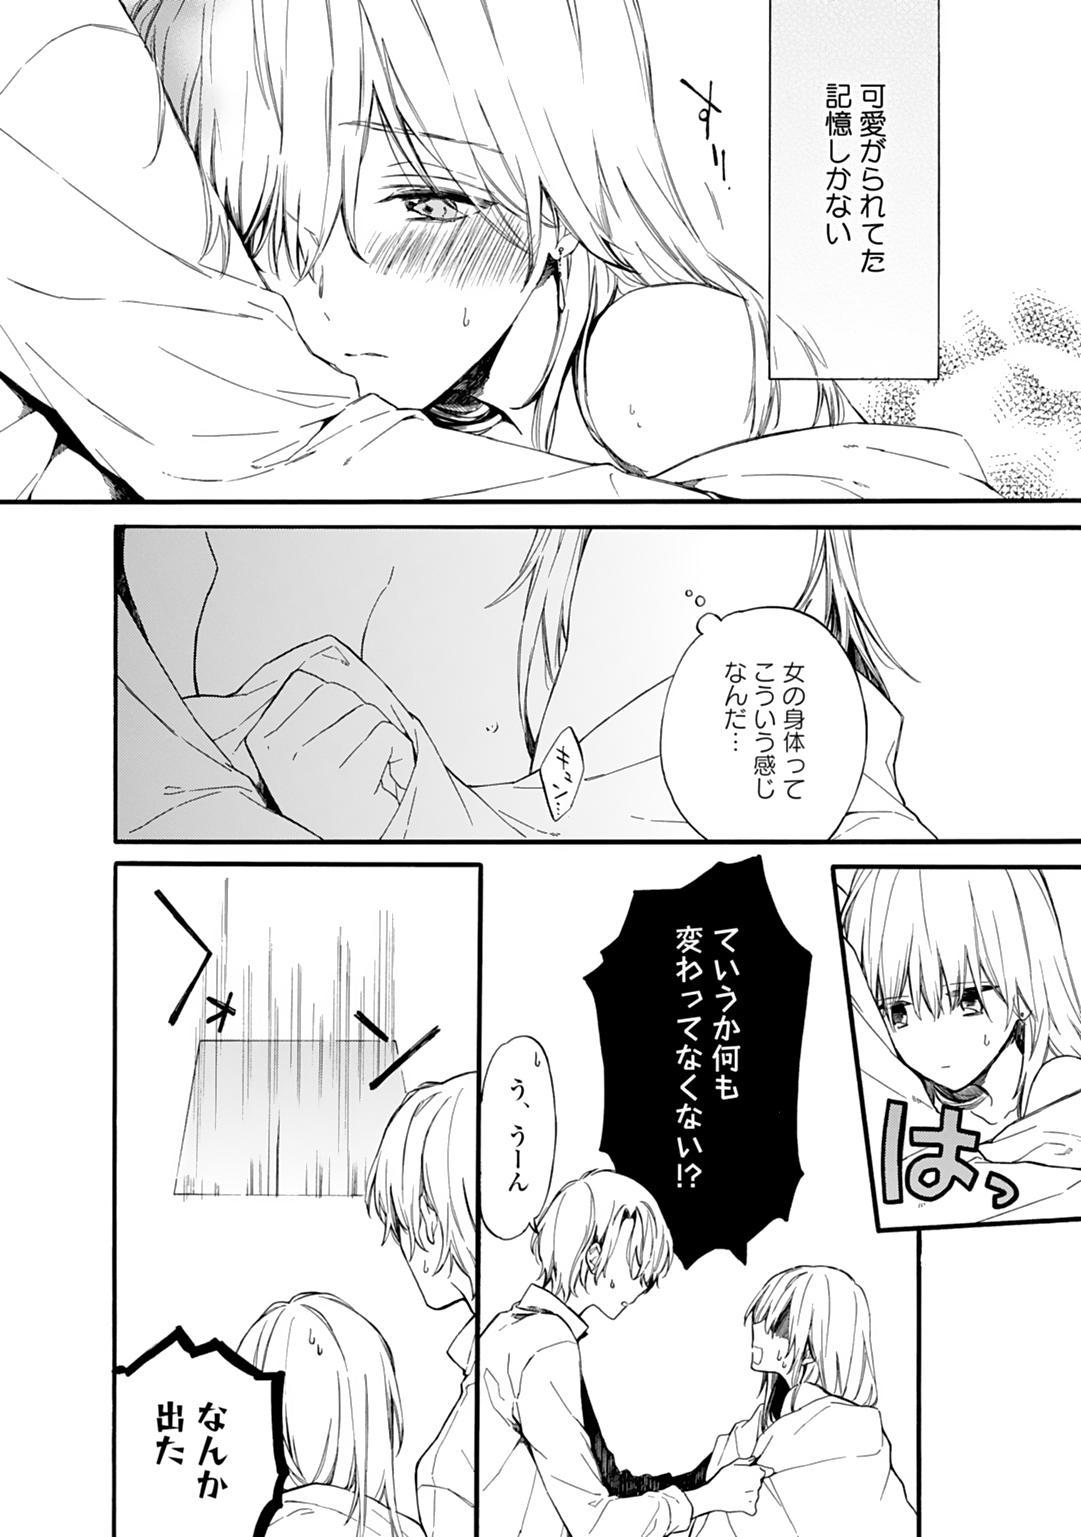 [Suzushiro Nerita] Otomege (18-kin) de Nyotaika shita Ore wa ~Clear Jouken wa Dekiai Ecchi!?~ 1-2 29